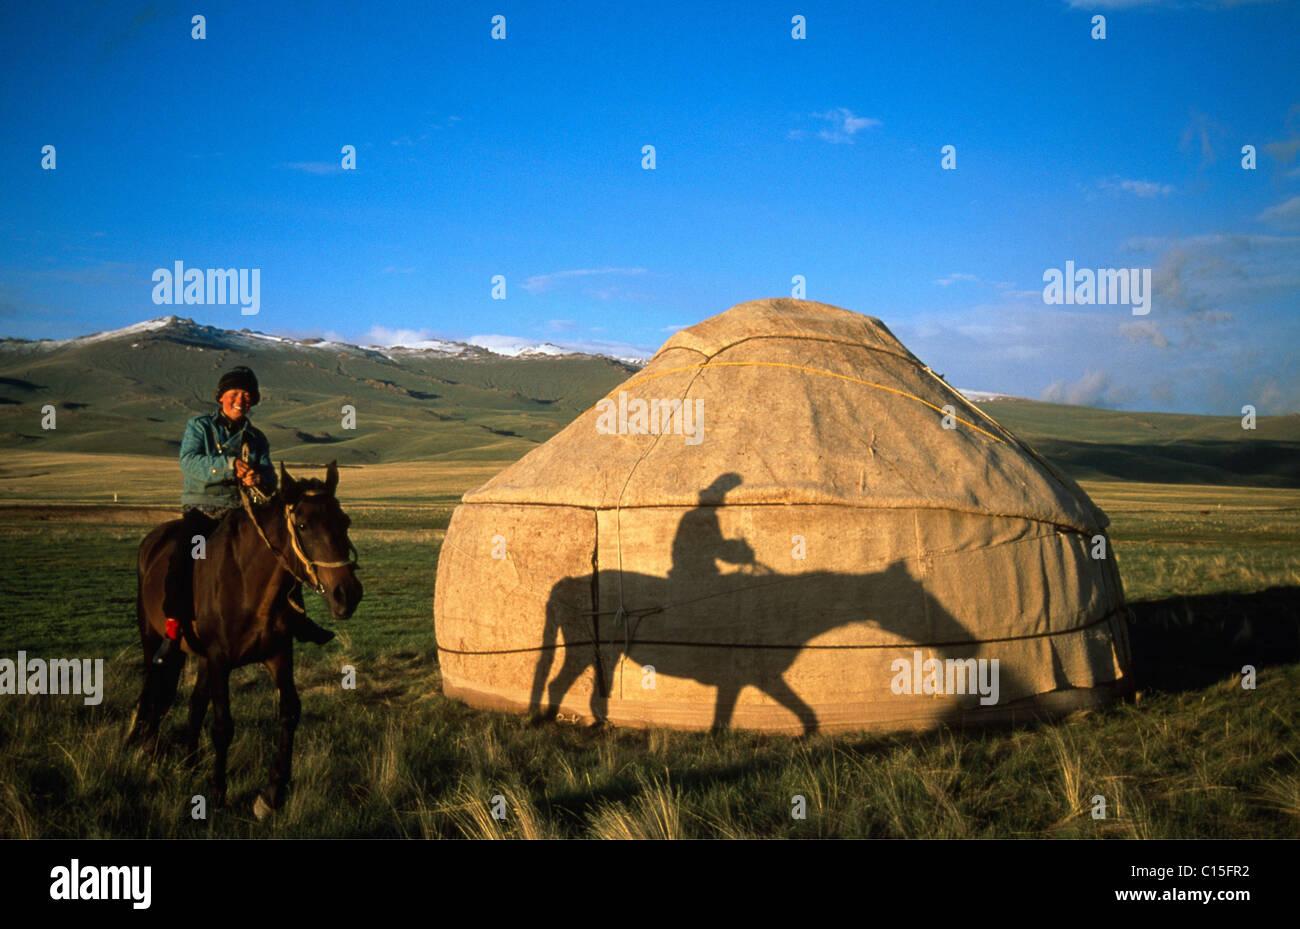 Le cheval et le cavalier en face d'une yourte, Moldo-Too Mountain Range, Song-Kul, du Kirghizistan, de l'Asie centrale Banque D'Images